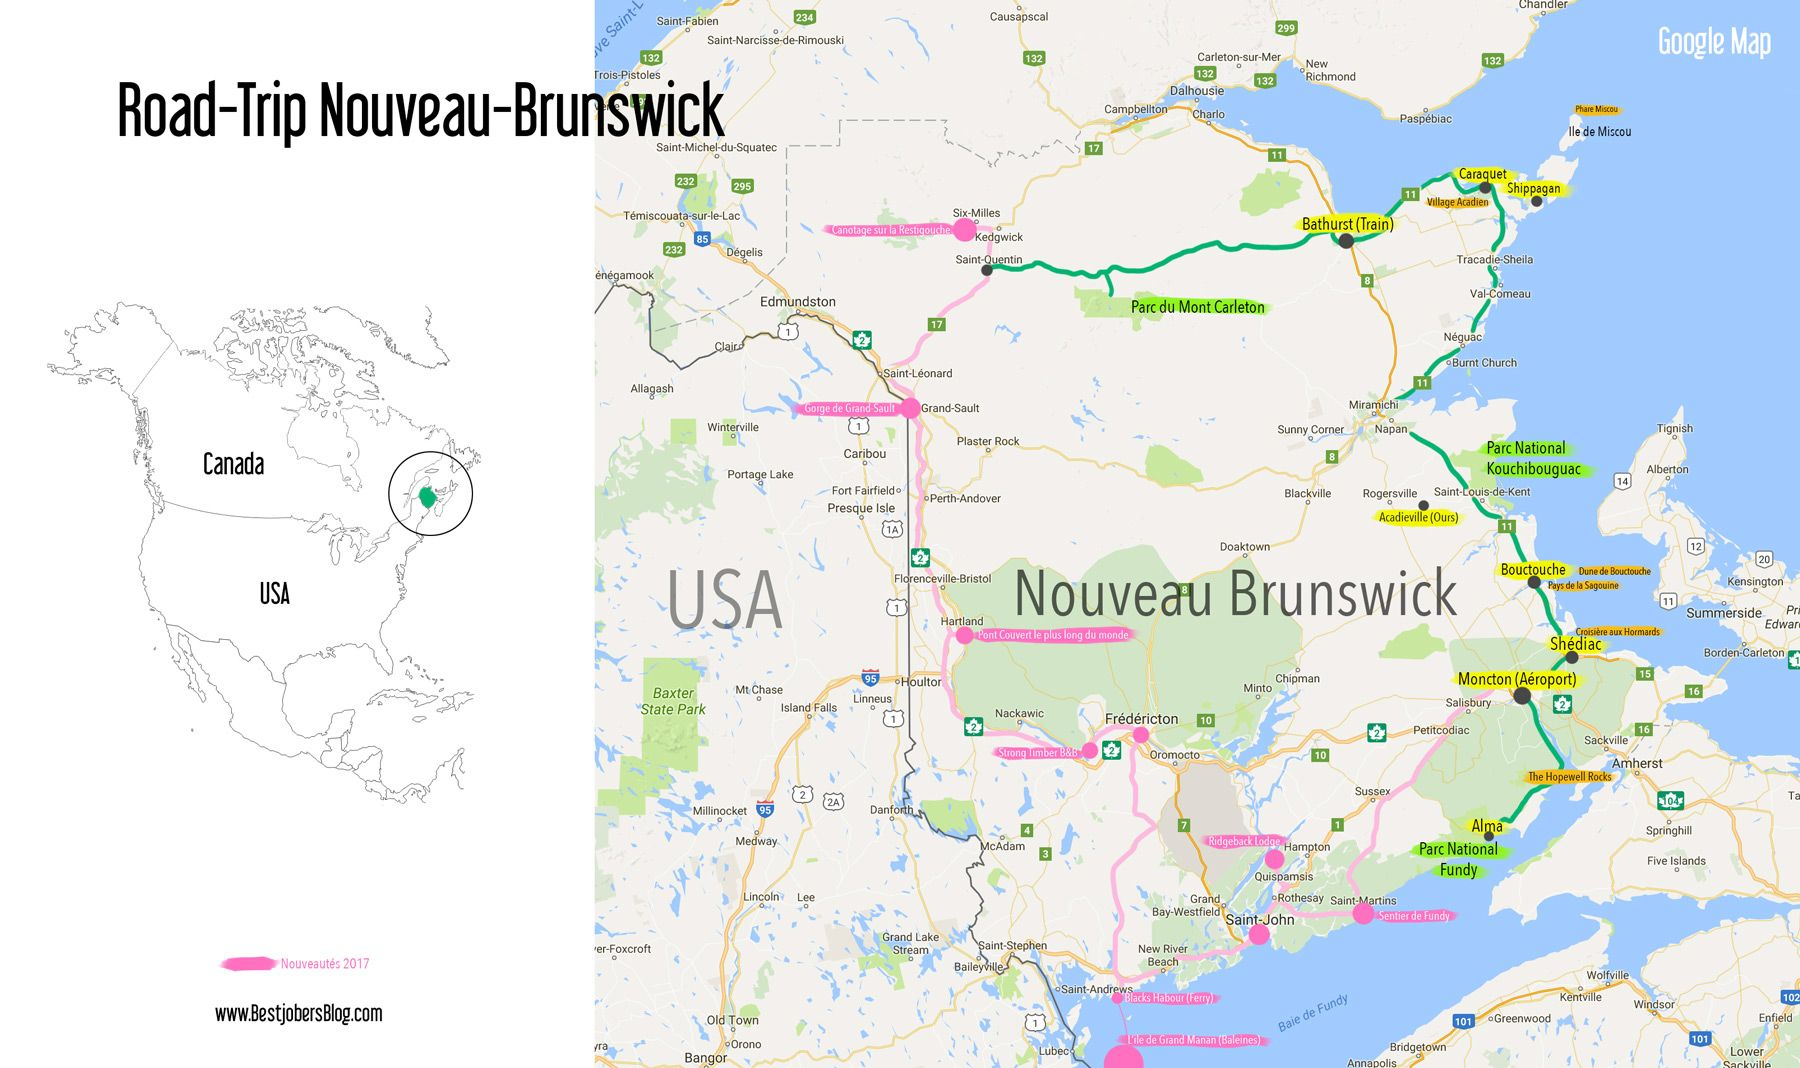 Carte Canada Nouveau Brunswick.Carte Et Itineraire Road Trip Nouveau Brunswick Canada